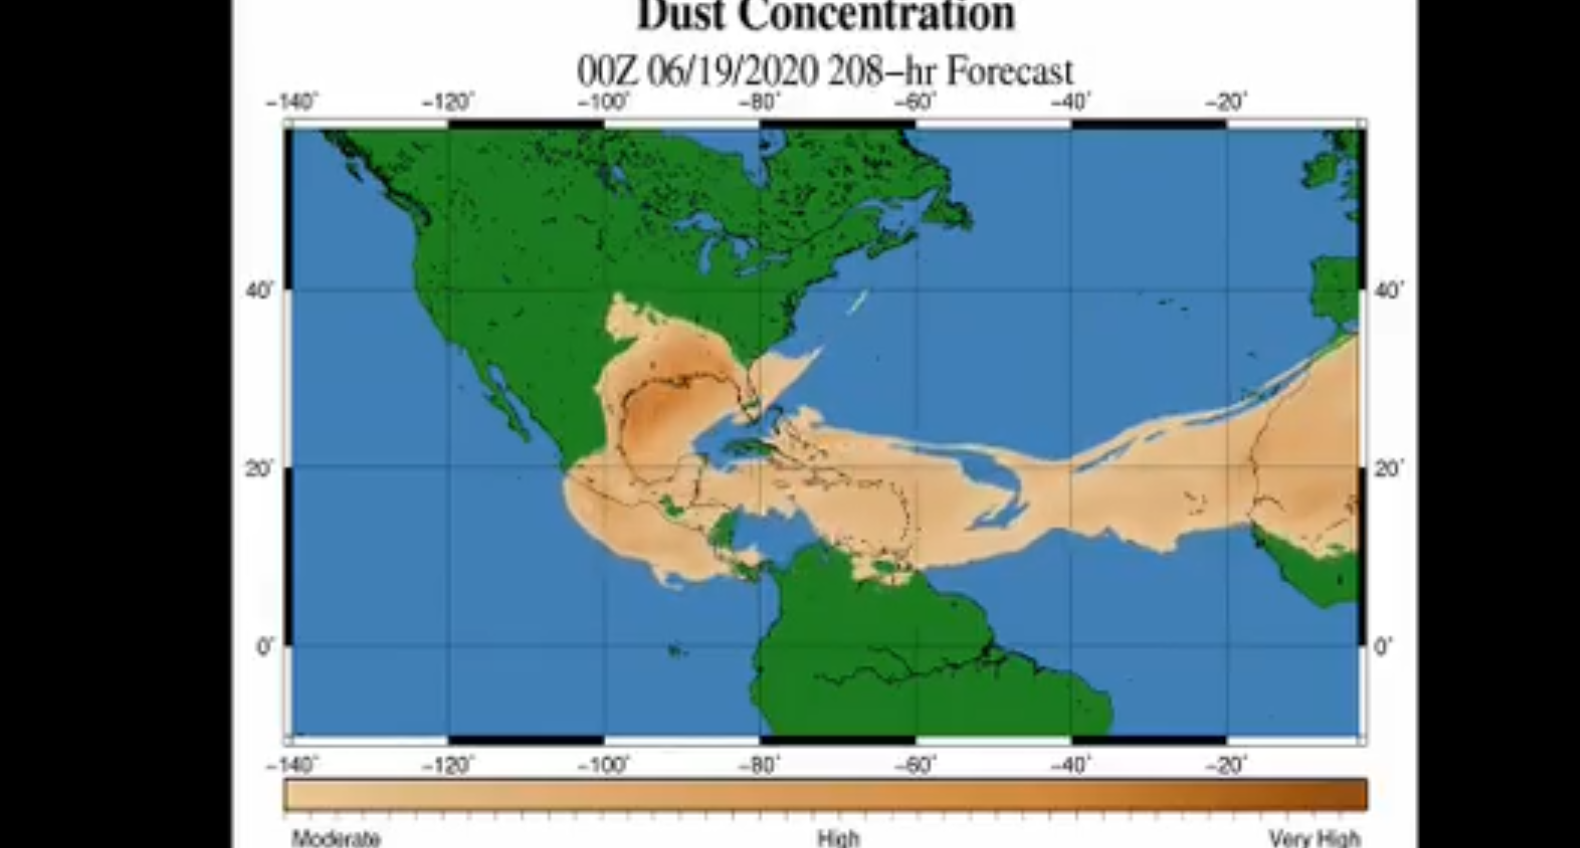 polvo del desierto del sahara llegará a México